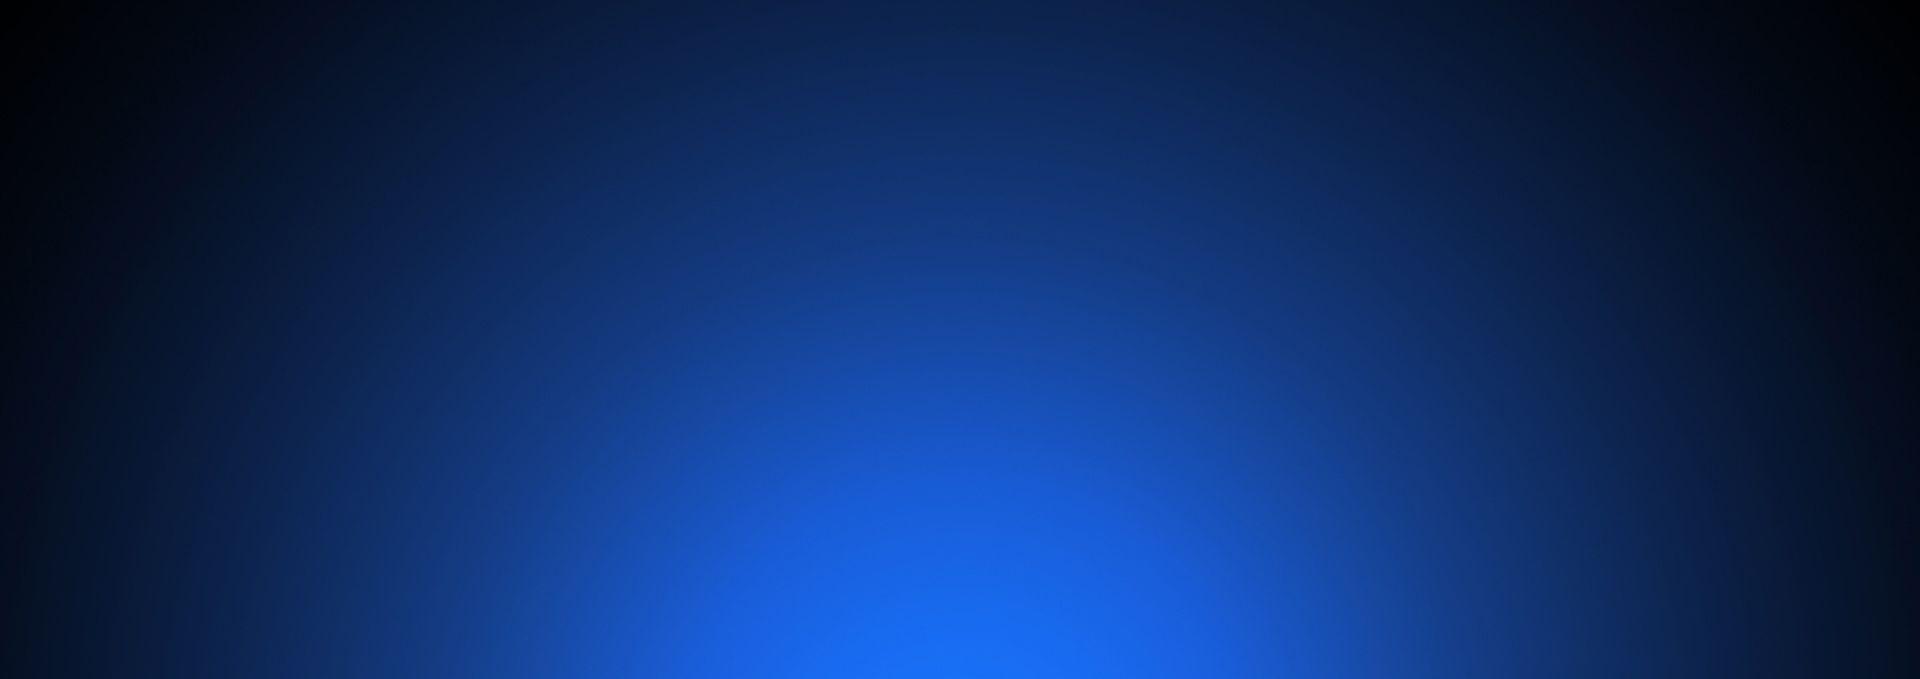 cherno-sinii-fon-1920x10801